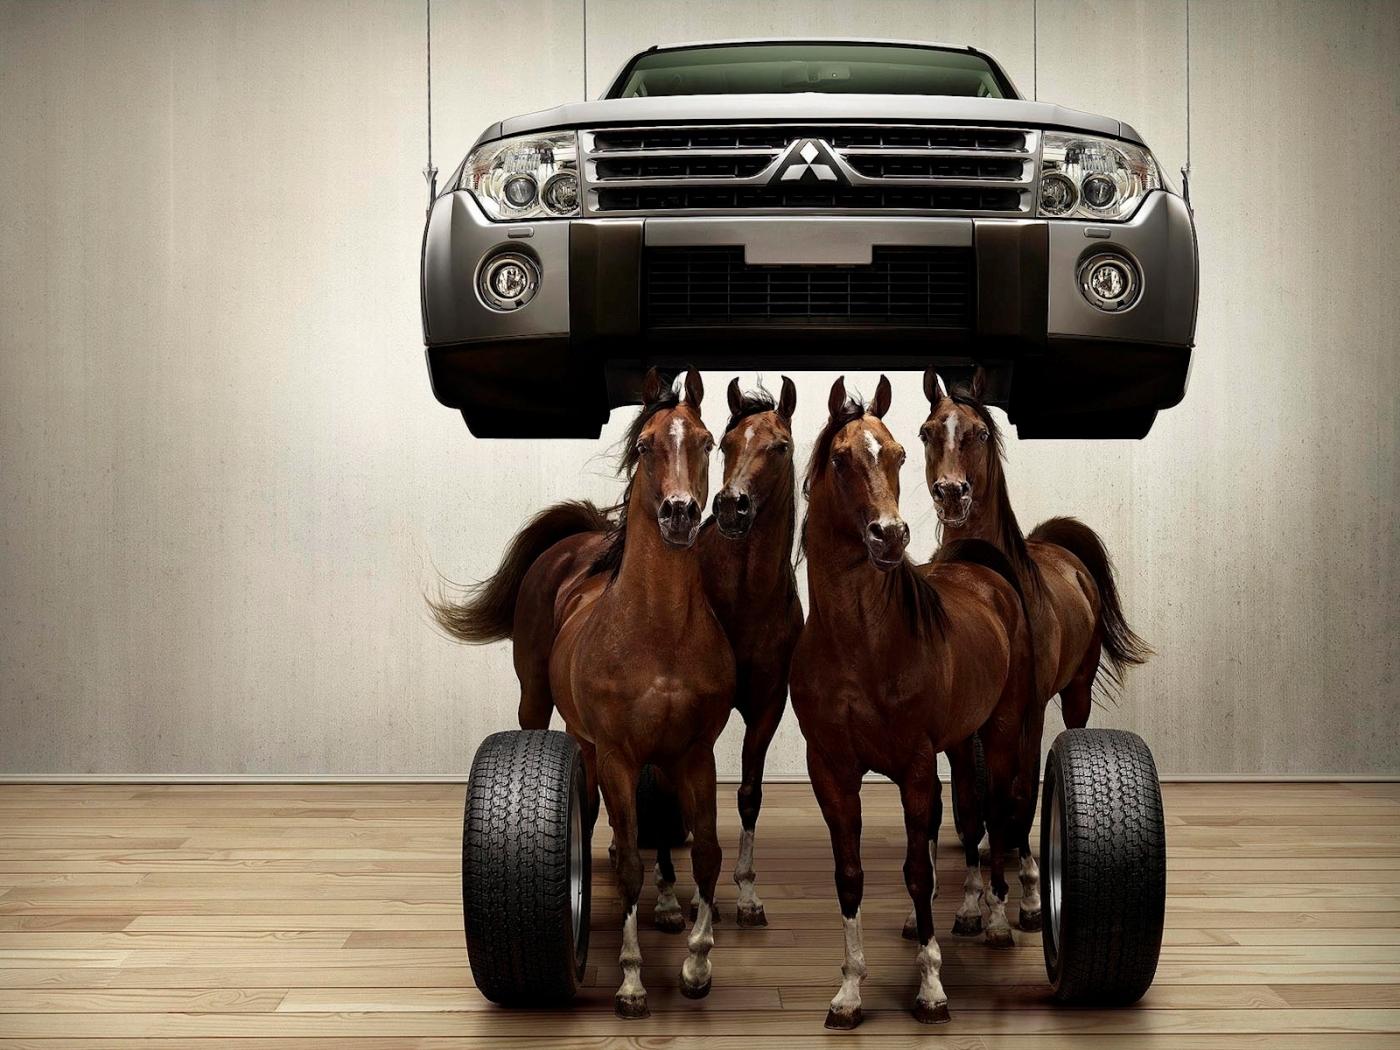 28888 Заставки и Обои Лошади на телефон. Скачать Лошади, Транспорт, Животные, Машины картинки бесплатно